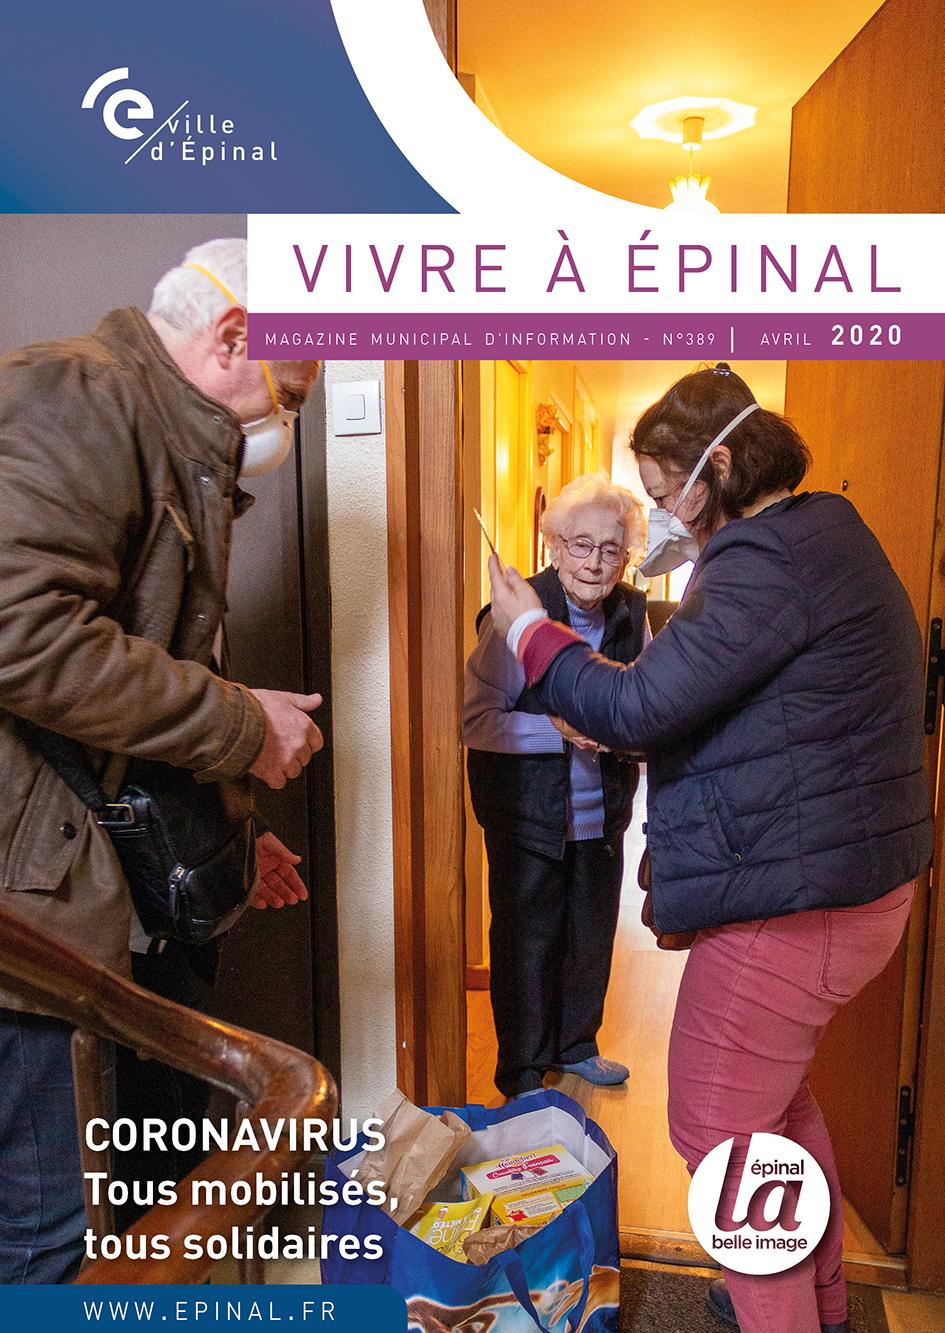 Le magazine Vivre à Epinal est en ligne